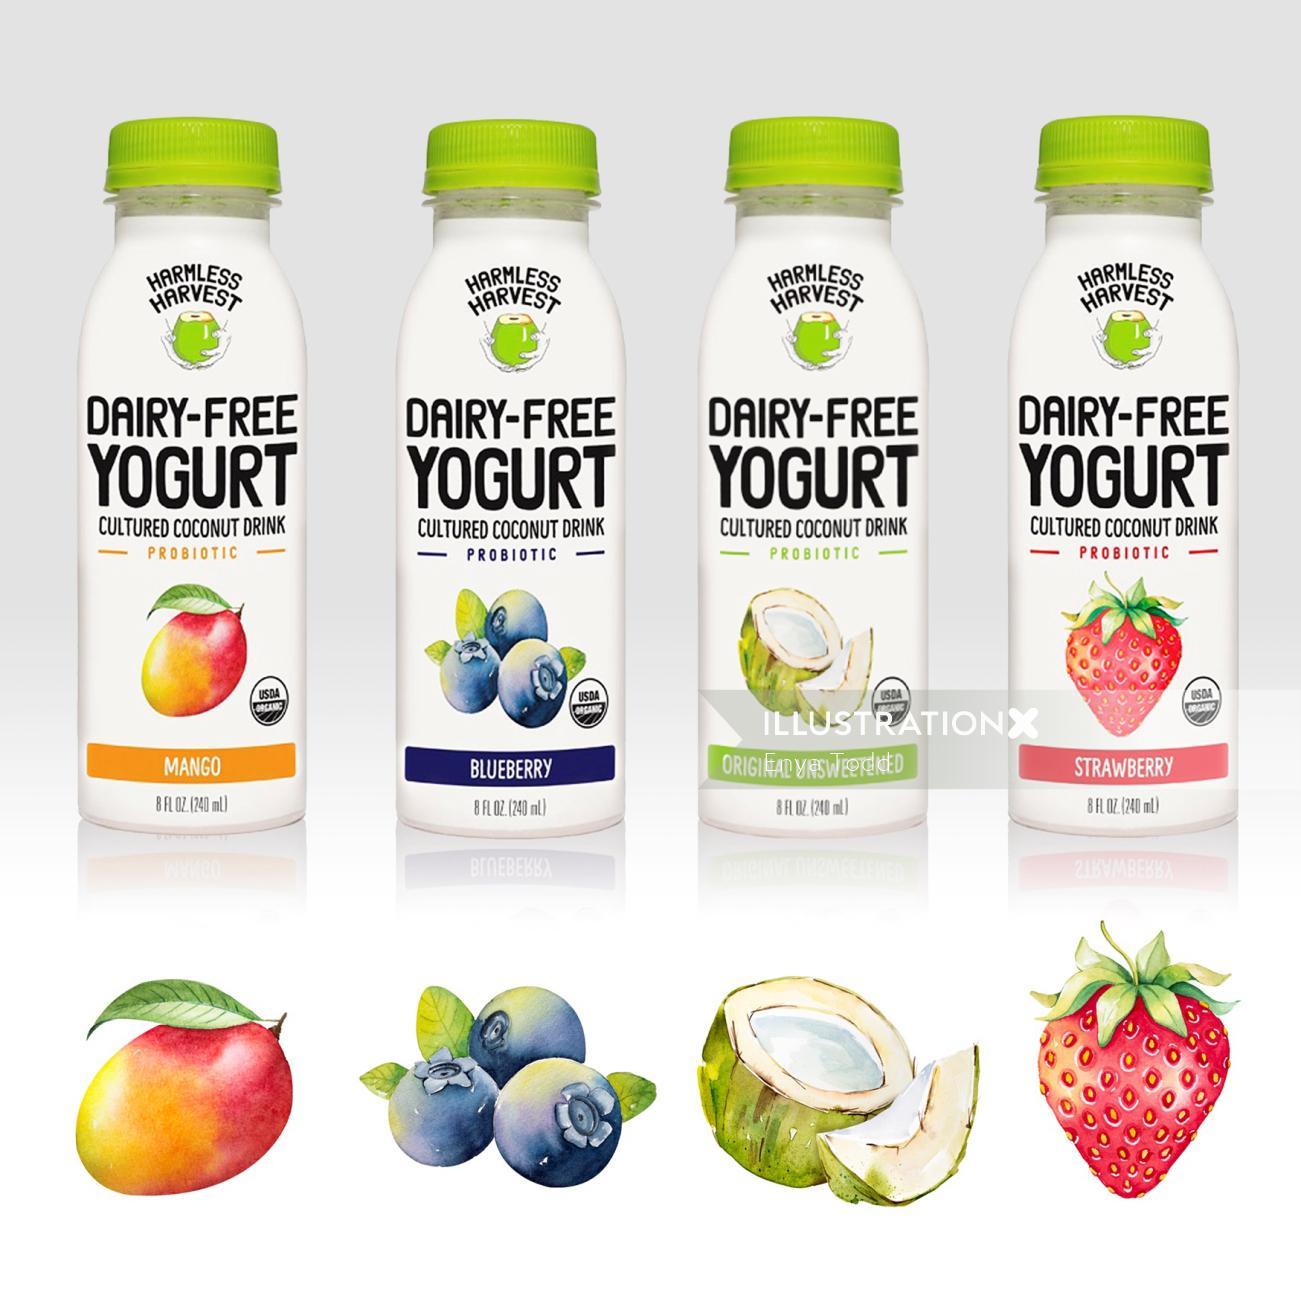 Harmless Harvest – Yogurt drinks